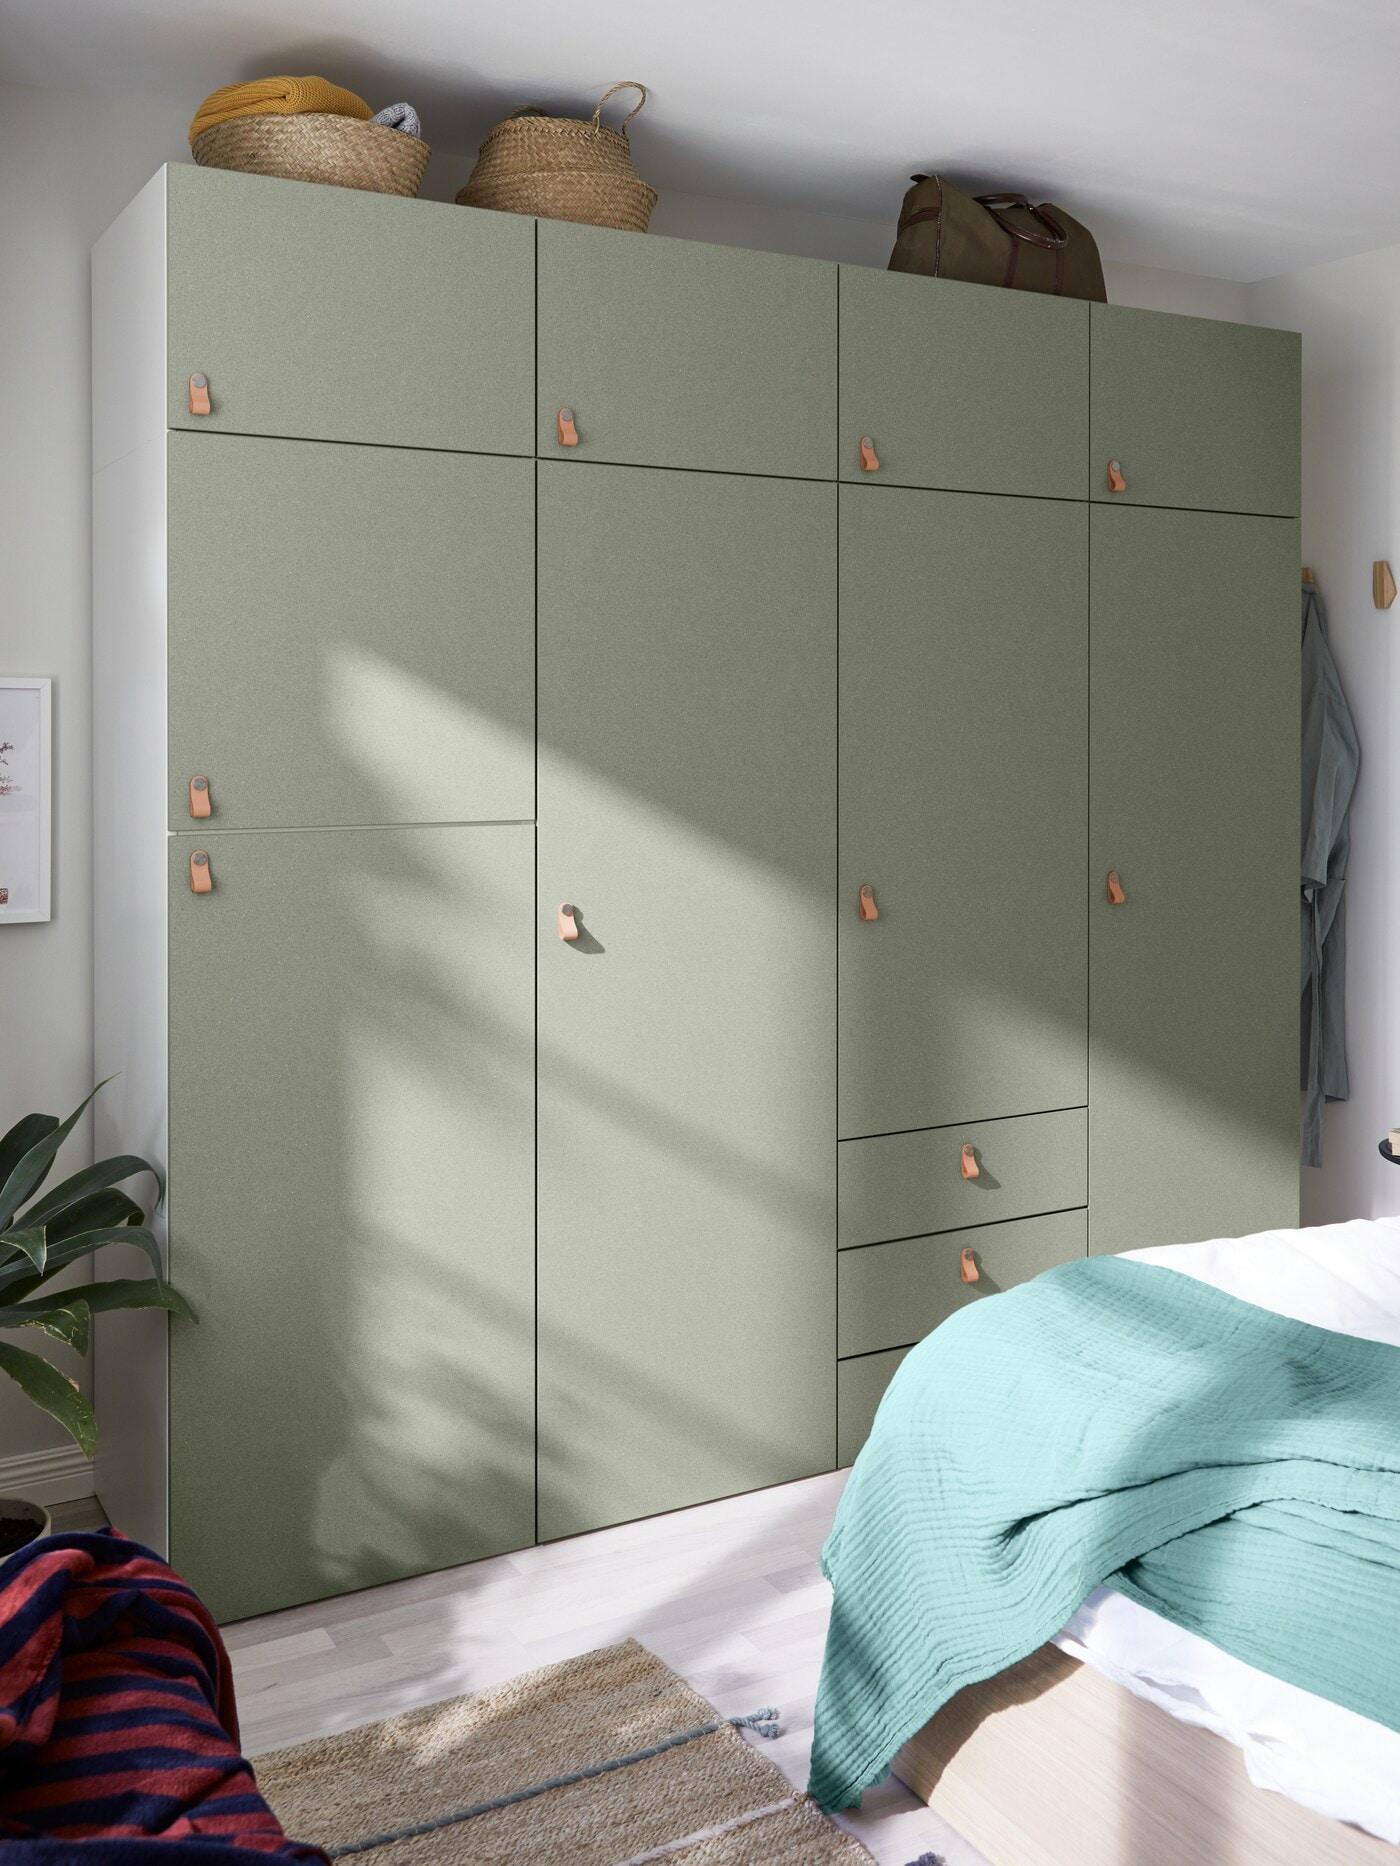 Mobili camera da letto, divano letto e cucina ikea, usato usato milano altre foto. Idee Per L Arredamento Per La Camera Da Letto Ikea Svizzera